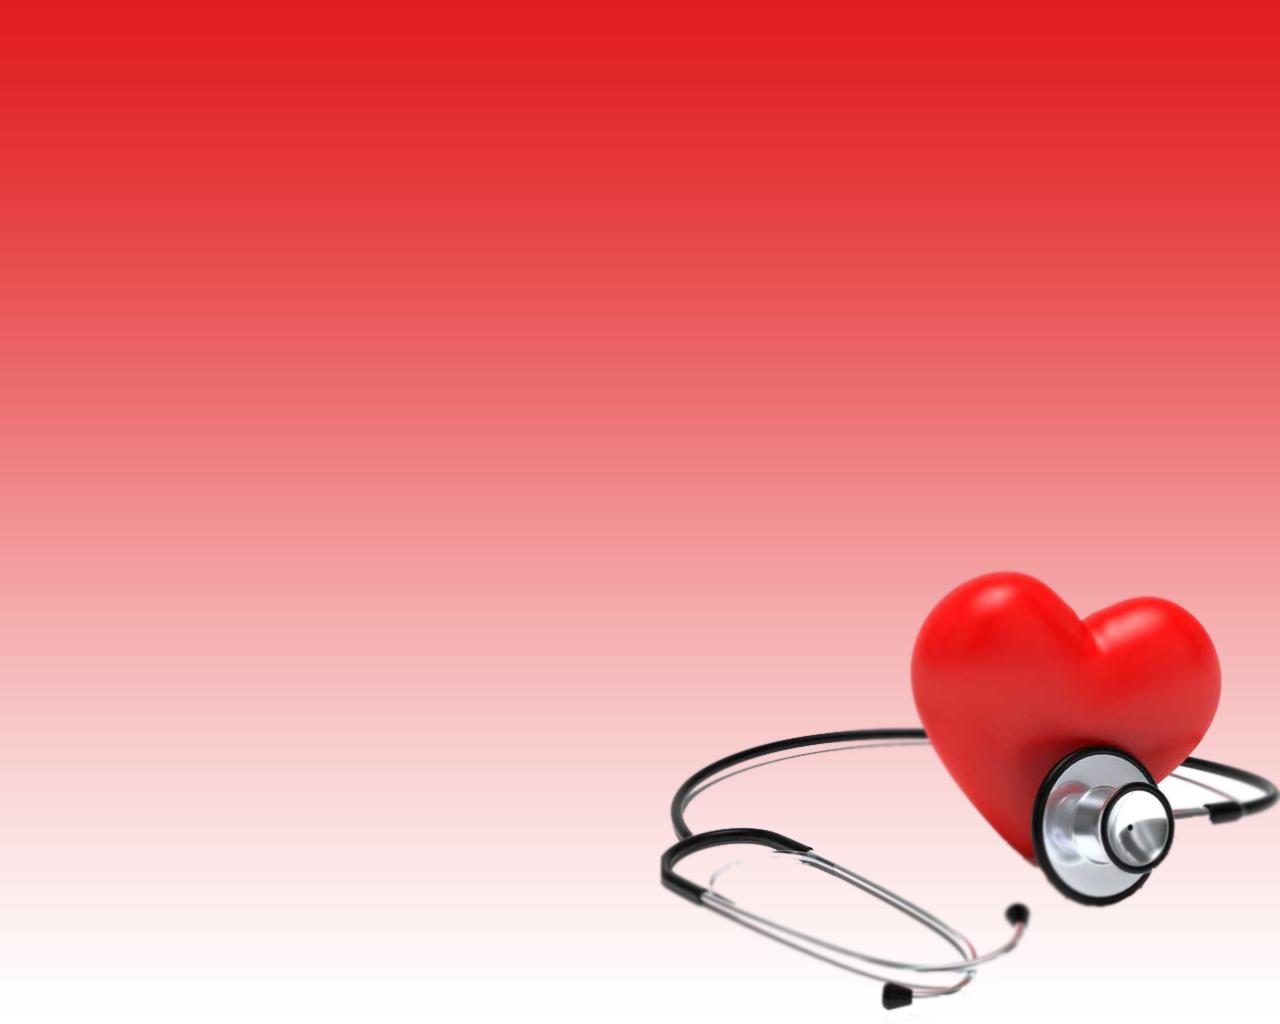 Анекдоты, фон для открытки медицина